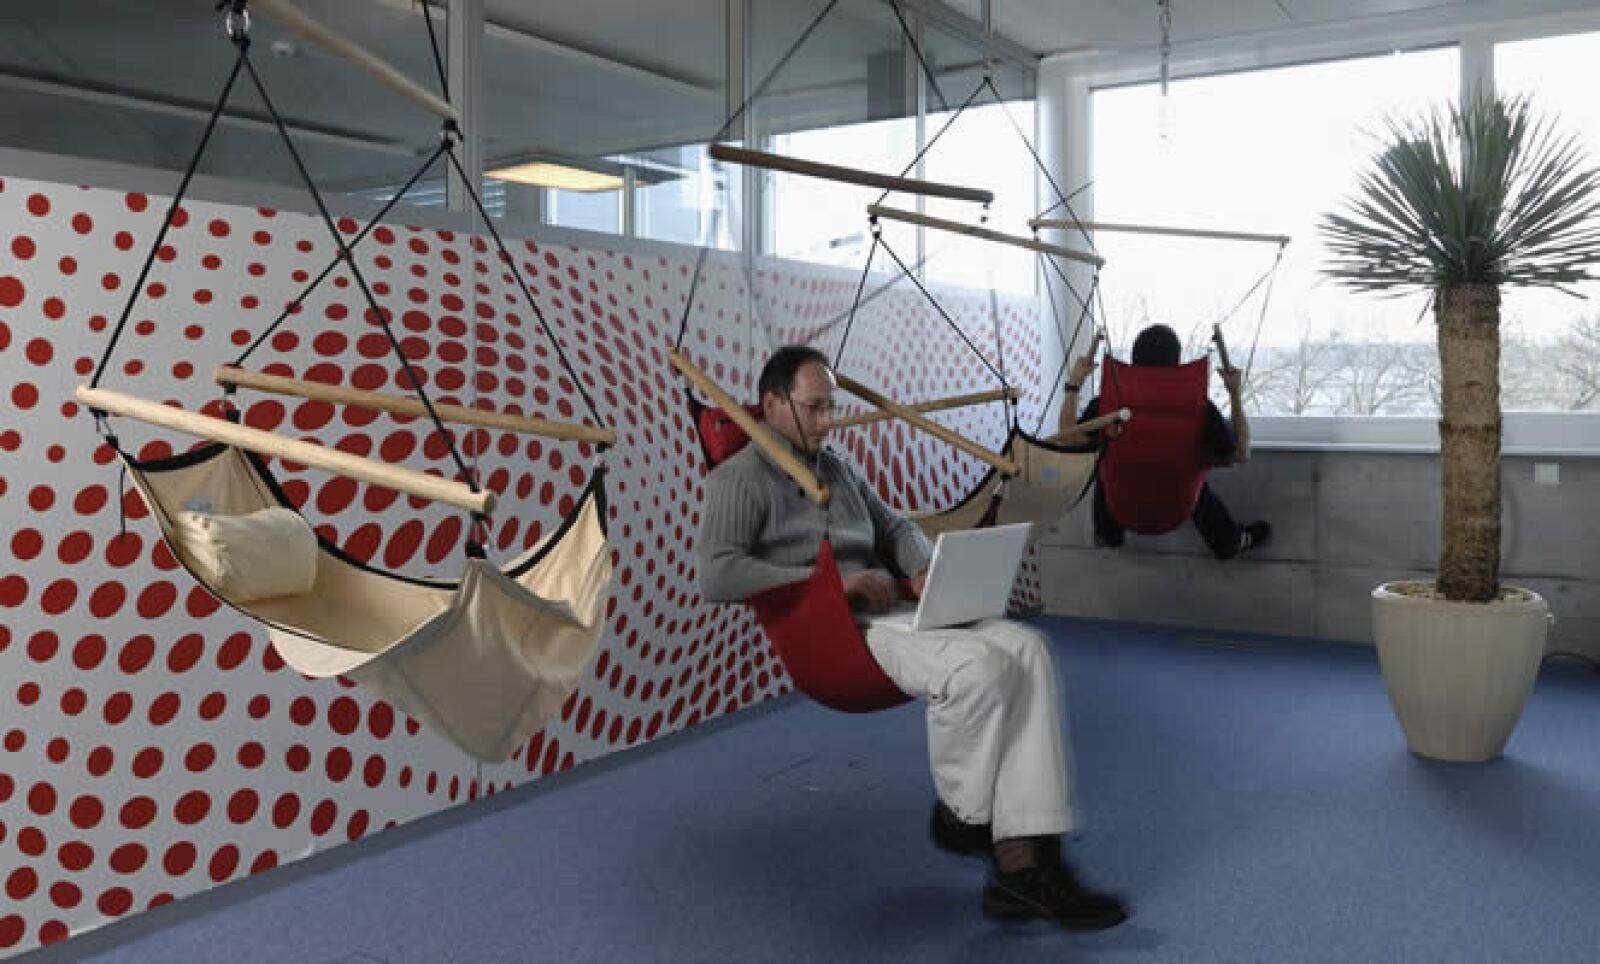 En Zurich, Suiza, tienen un área con hamacas para que sus empleados puedan dormir, si así lo desean.